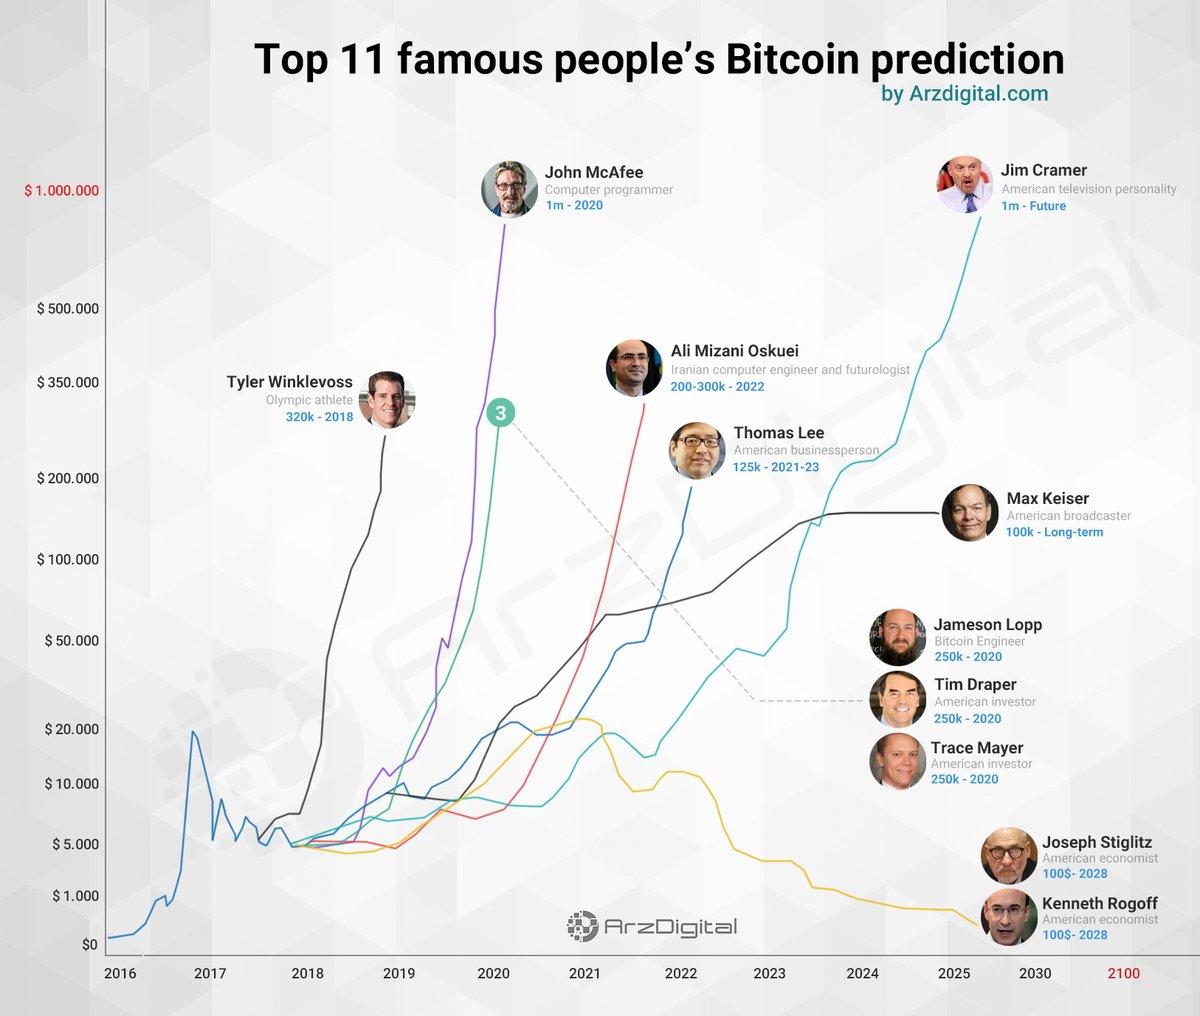 Top 11 Bitcoin Prediction